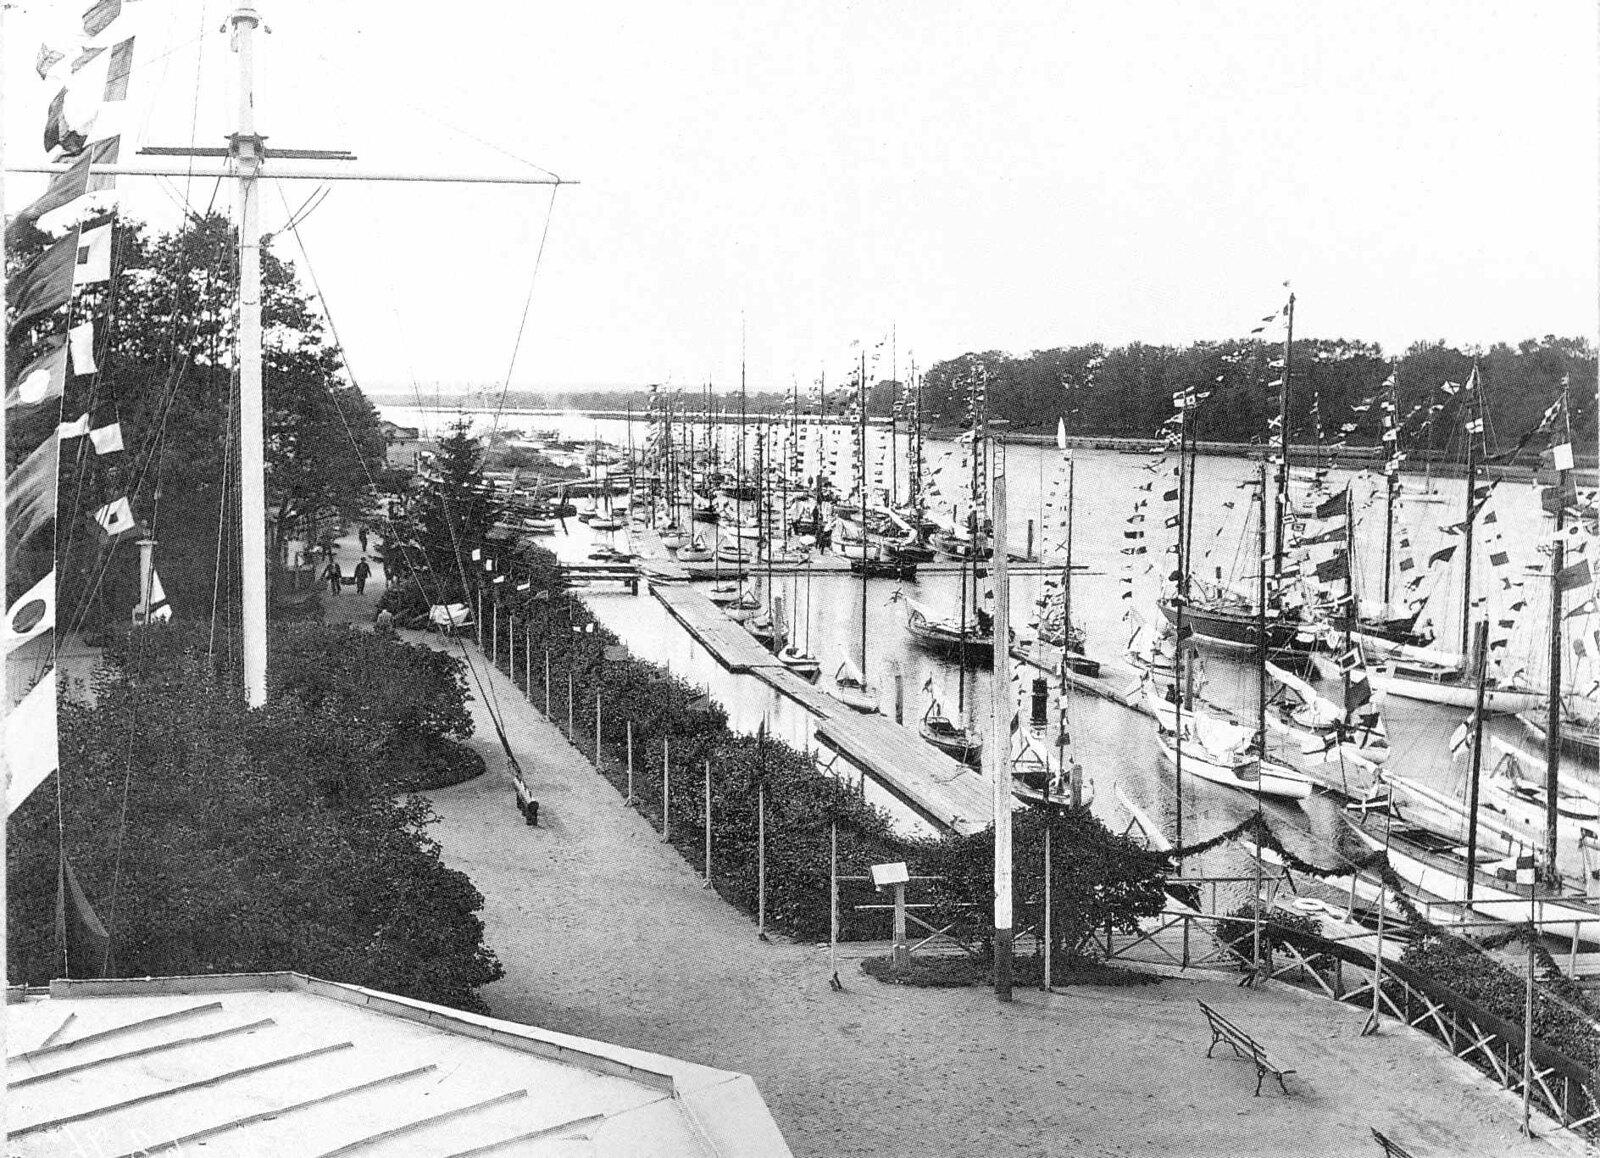 1910. Празднование 50-летия Императорского яхт-клуба. 20 июля (вариант)